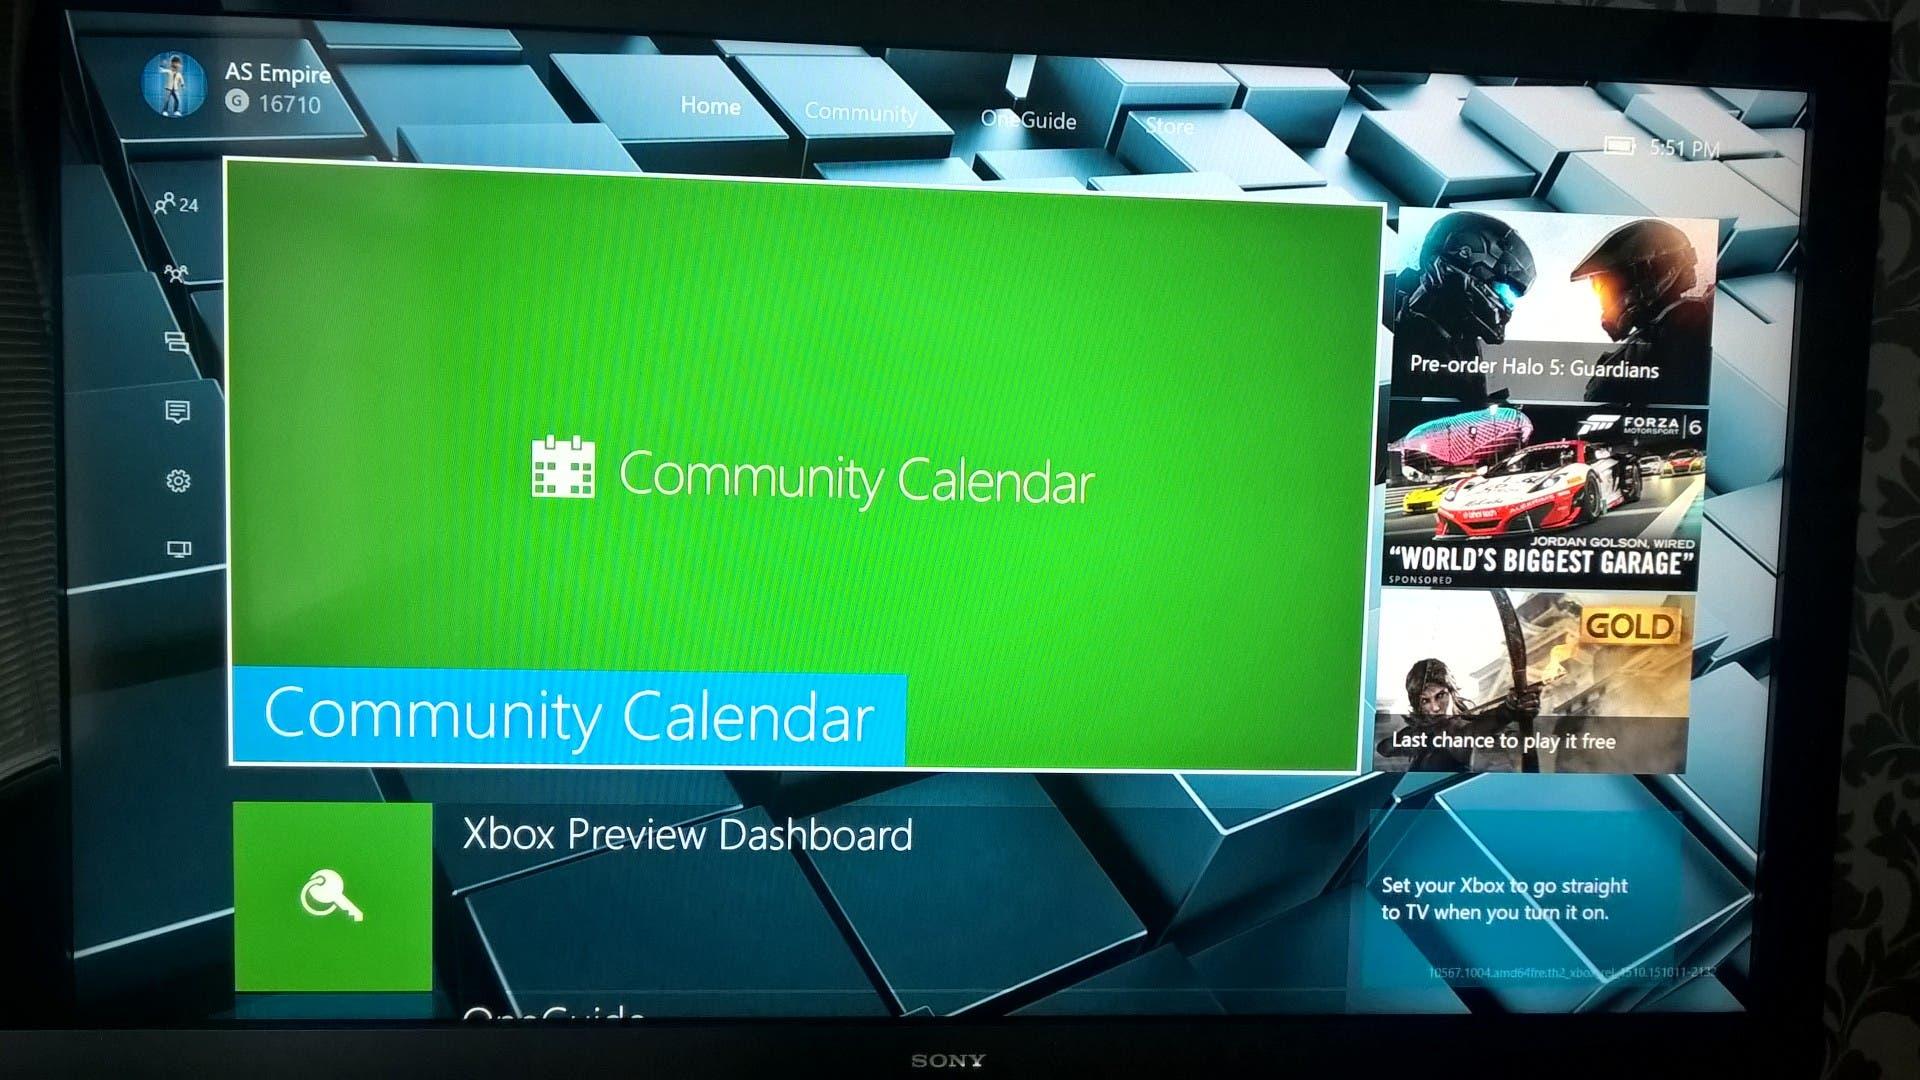 Novedades descubiertas en la NXOE, Community Calendar y descargas simultáneas 1